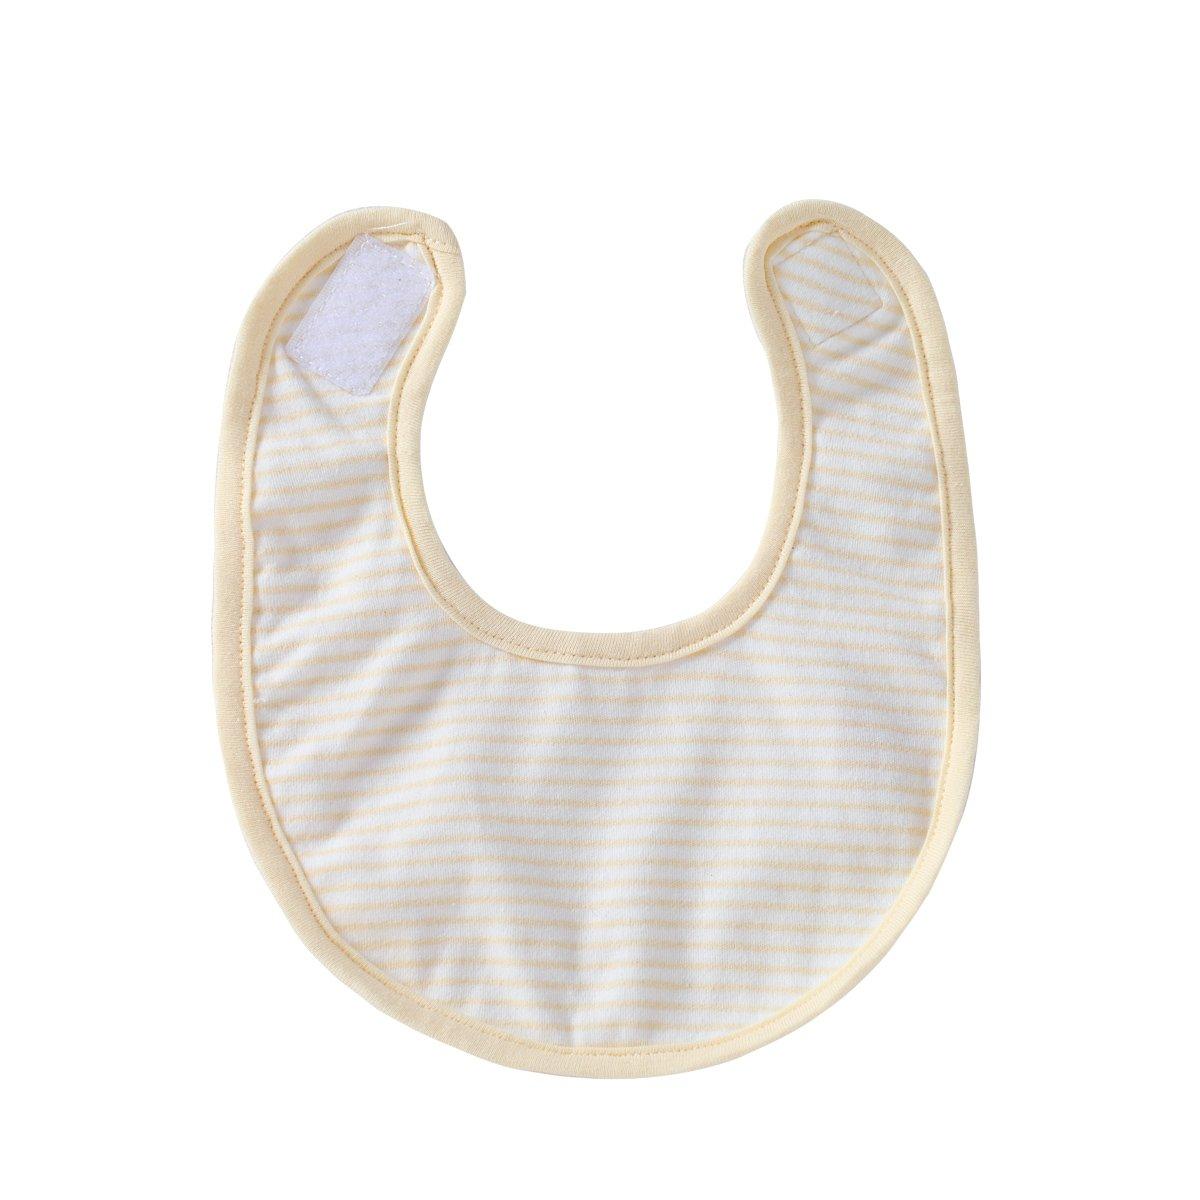 酷尾巴 新生儿用品宝宝可爱小围嘴 婴儿纯棉双面布口水巾围兜饭兜 浅